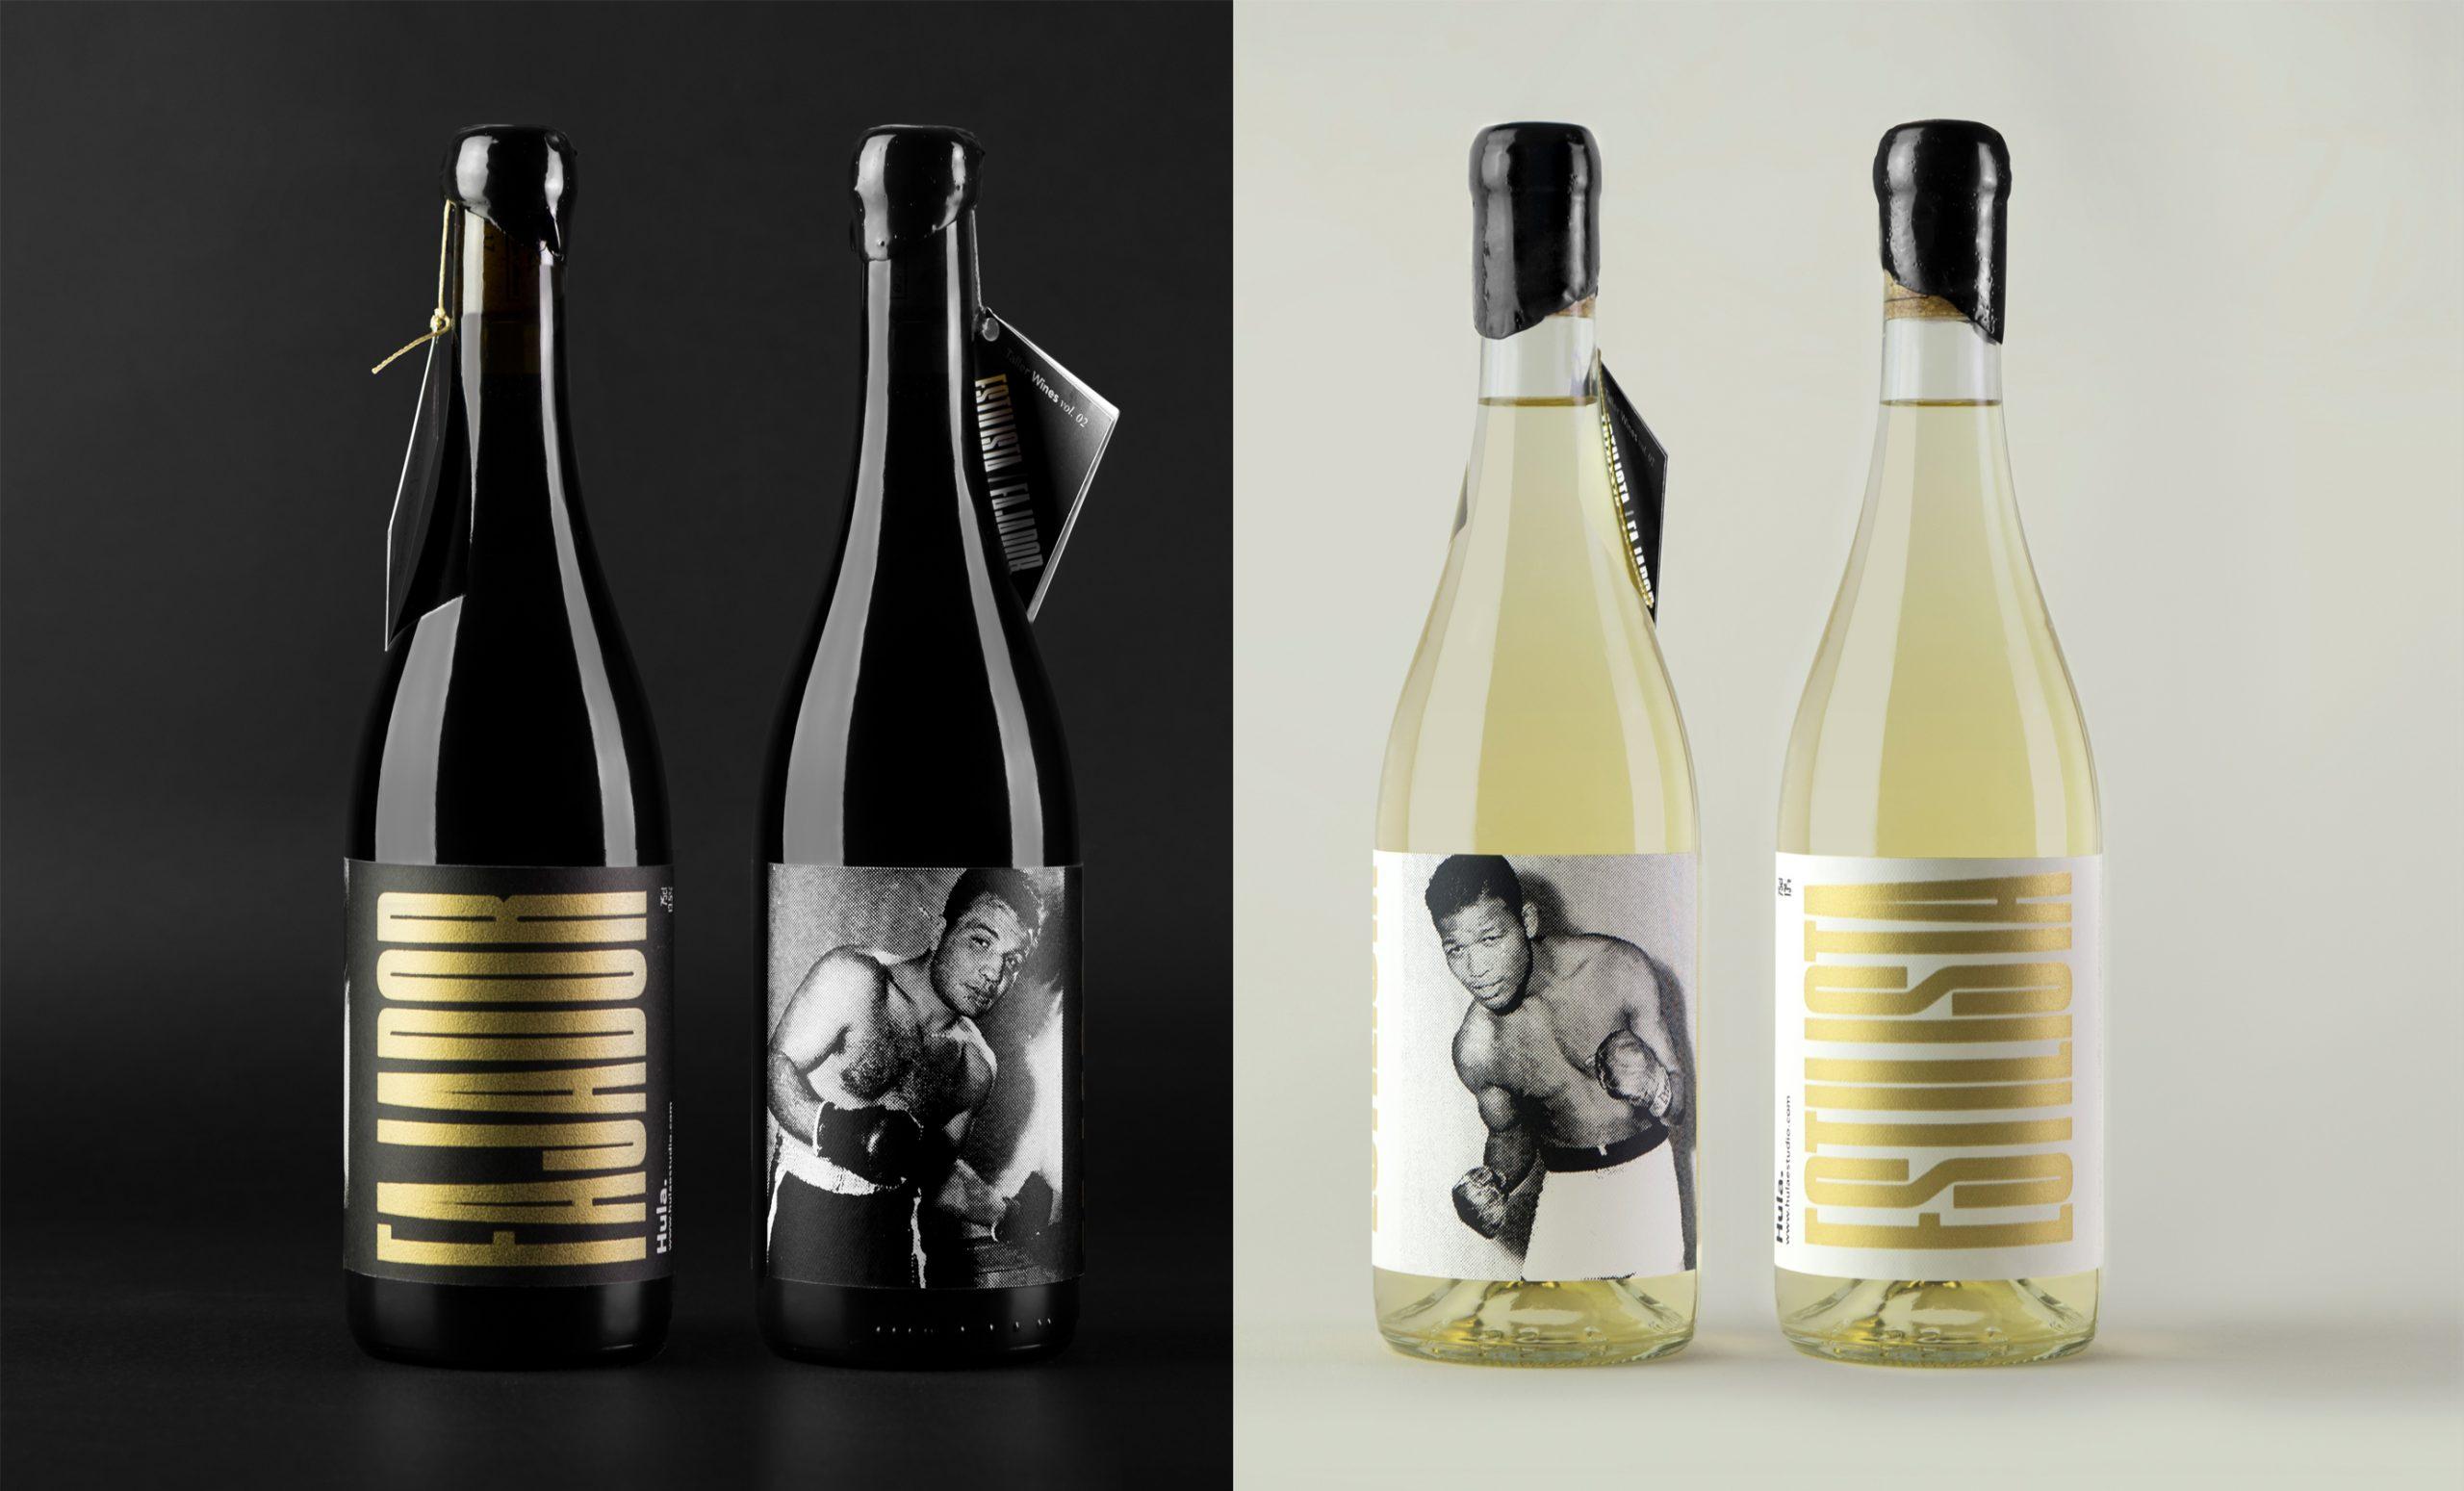 Concepto, fotografía y diseño de etiquetas de vino ganadoras de un Laus bronce, serigrafiadas a mano.